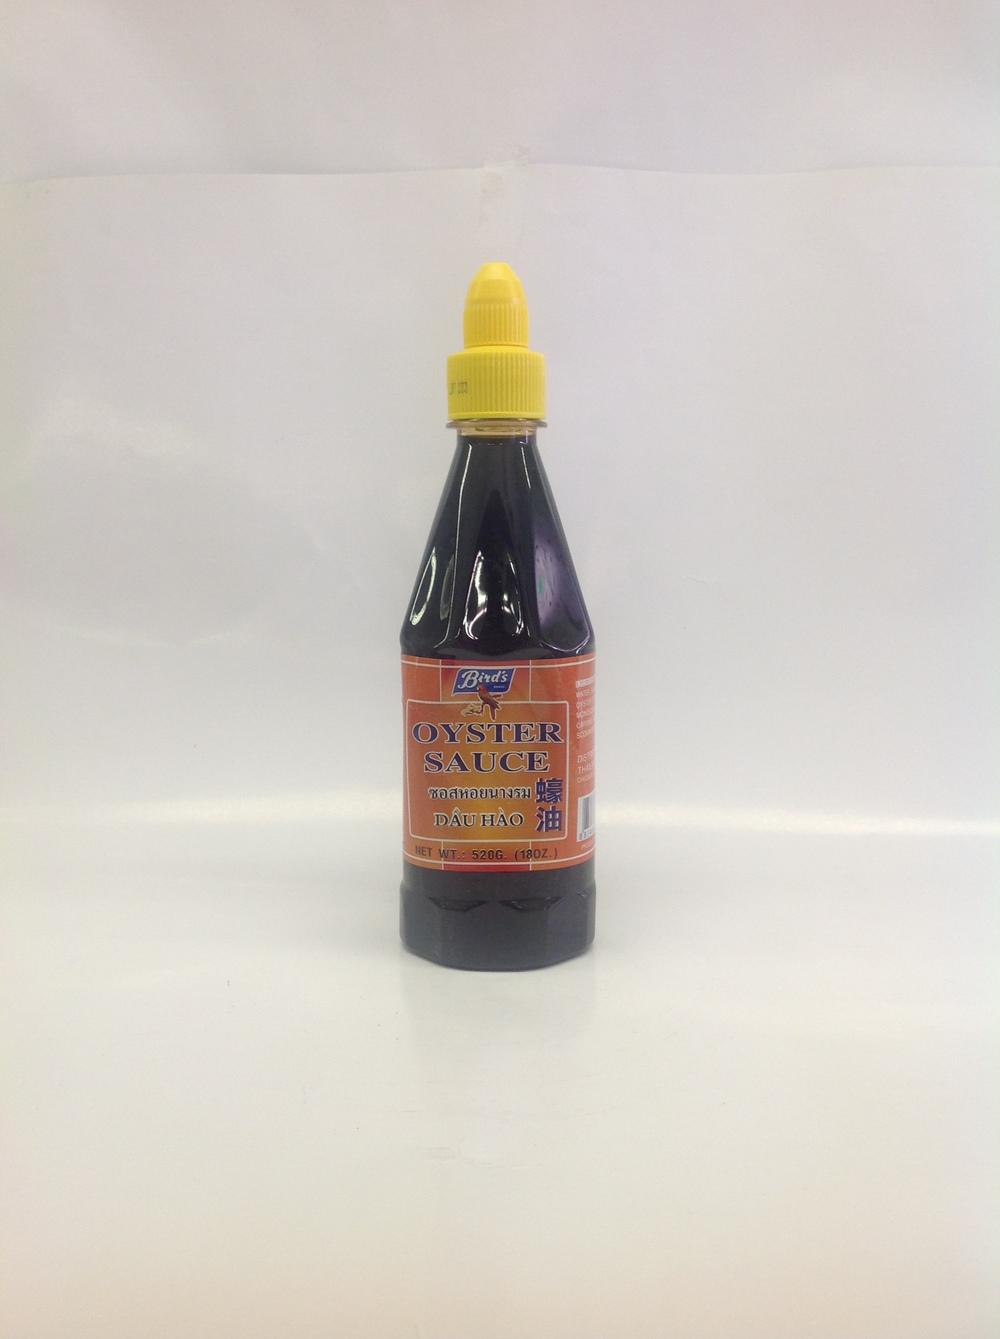 Oyster Sauce   Bird's   SA15321 12x18 oz  SA15322 12x31 oz